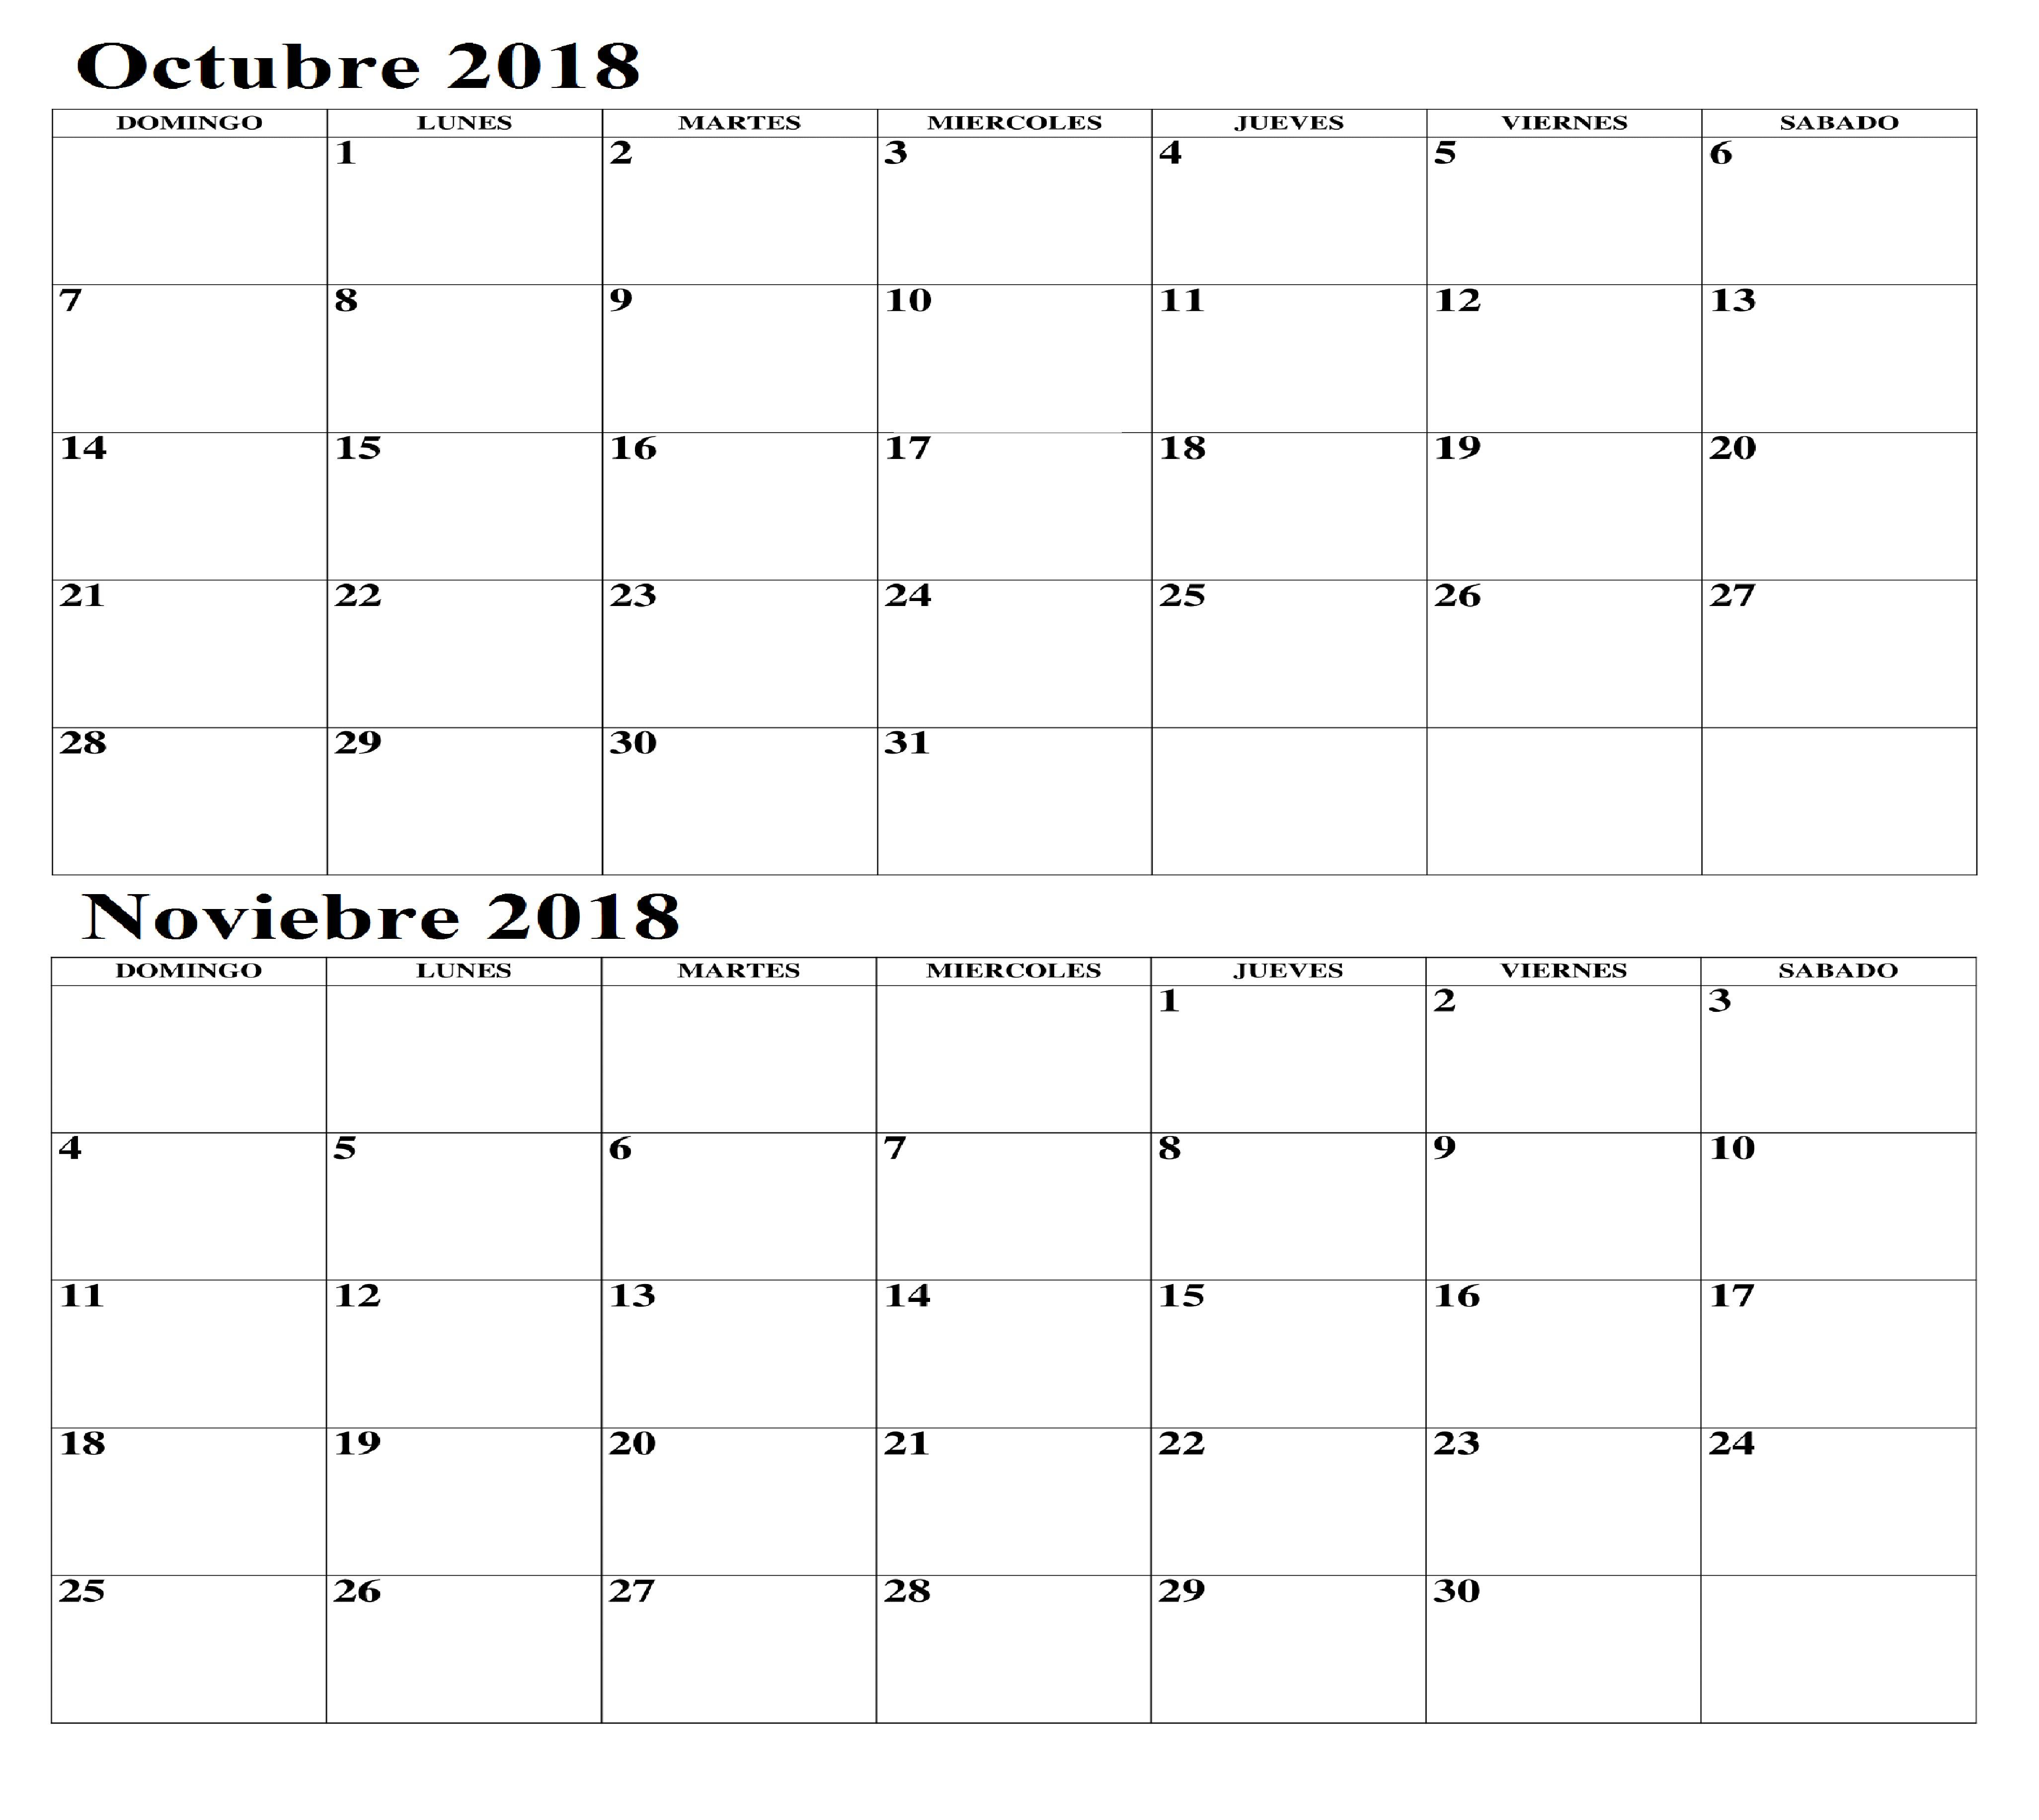 Calendario 2019 Imprimir Personalizado Más Recientes Best Calendario Mes De Octubre Y Noviembre 2018 Image Collection Of Calendario 2019 Imprimir Personalizado Más Actual Calendario Ilustrado 2016 Gratis Craft Pinterest